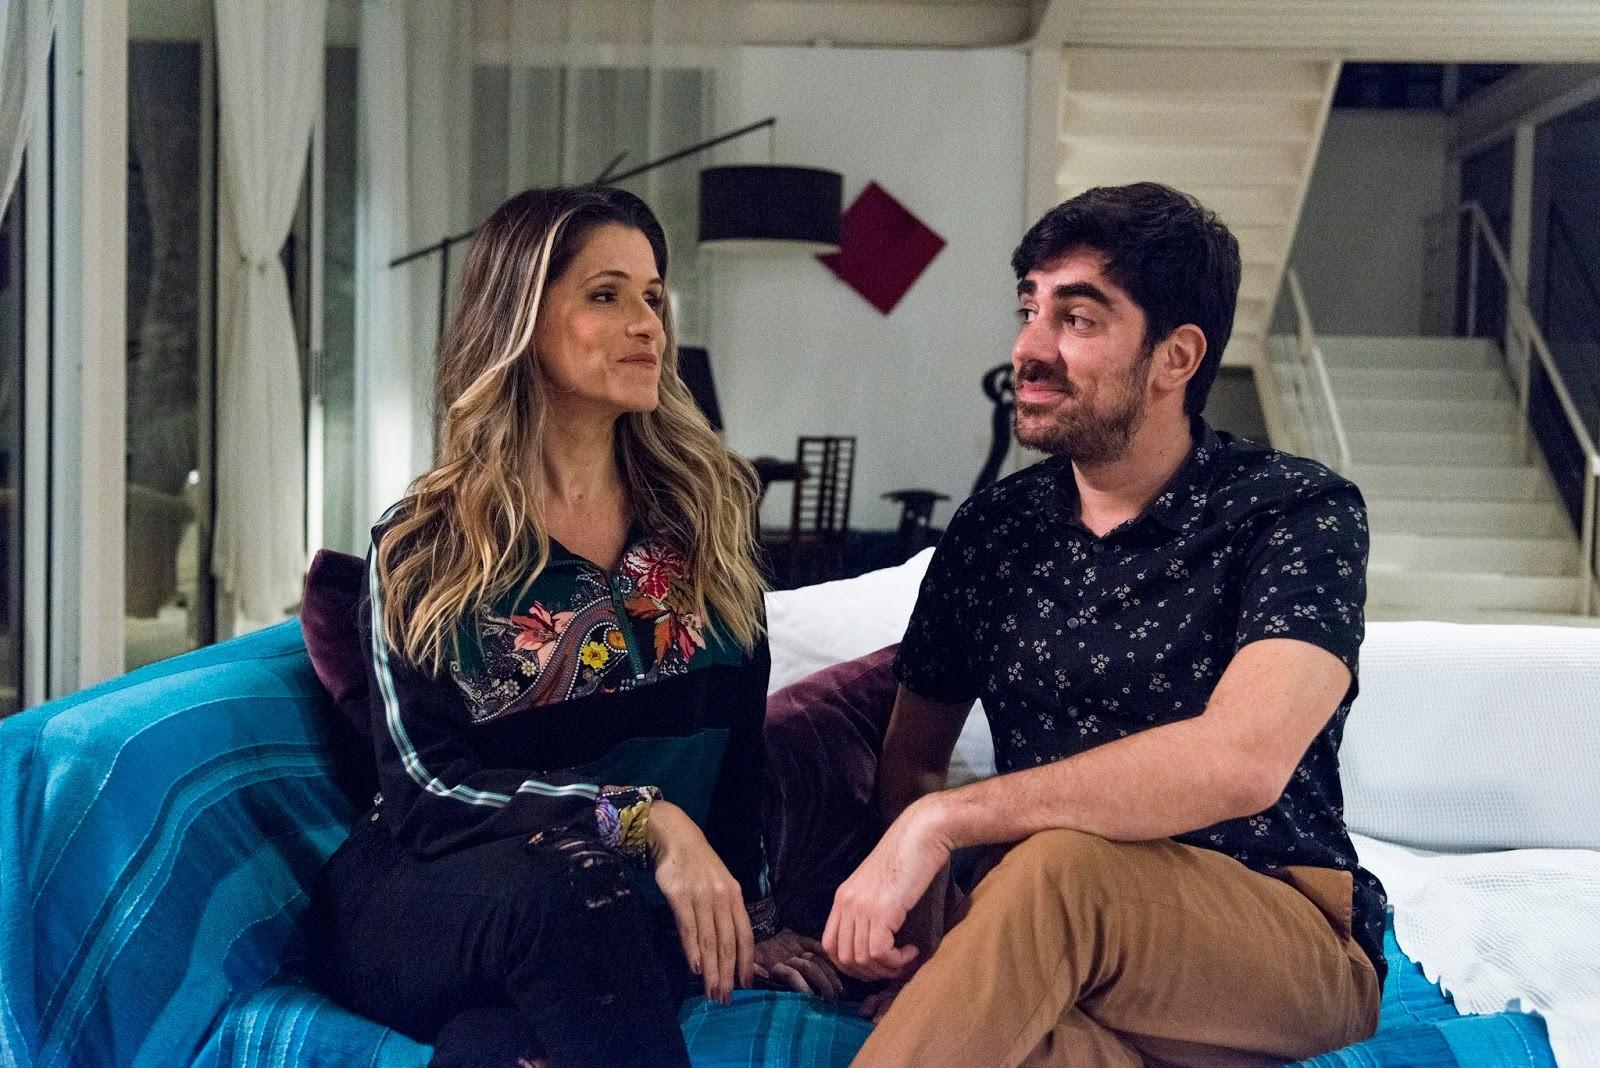 Ingrid e Marcelo Adnet durante as gravações de 'Viver do Riso' (Foto: Reprodução)